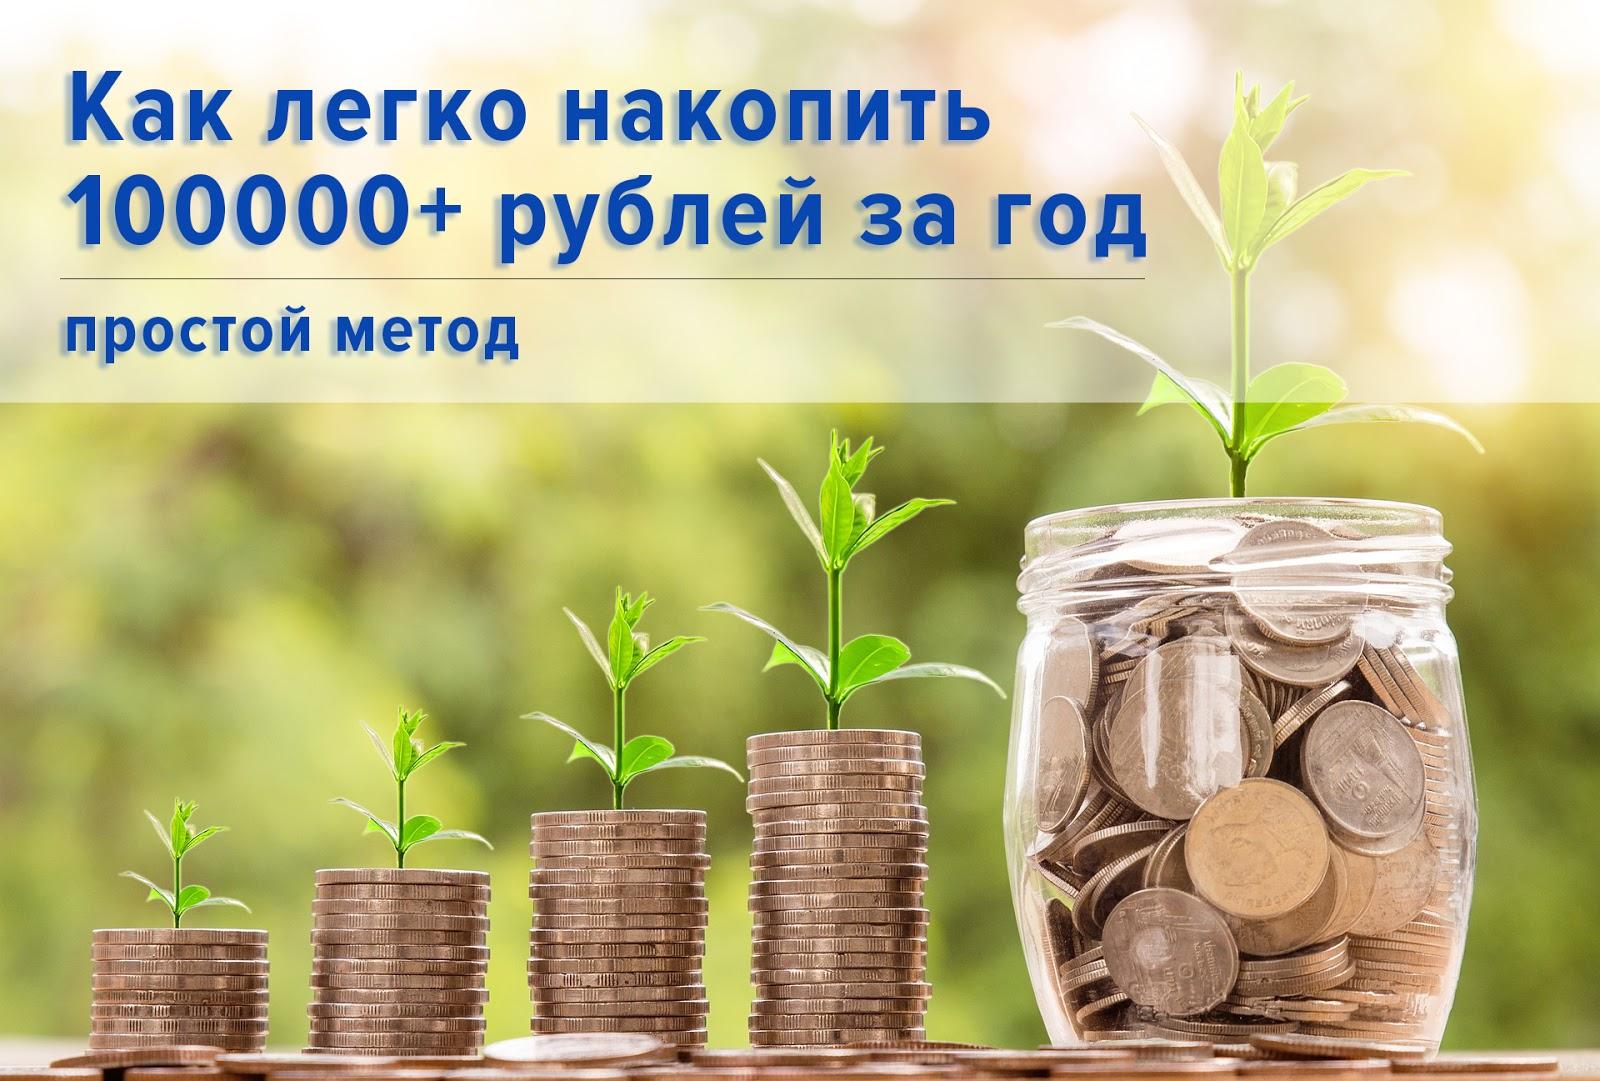 Помощь в получении крупного кредита в барнауле